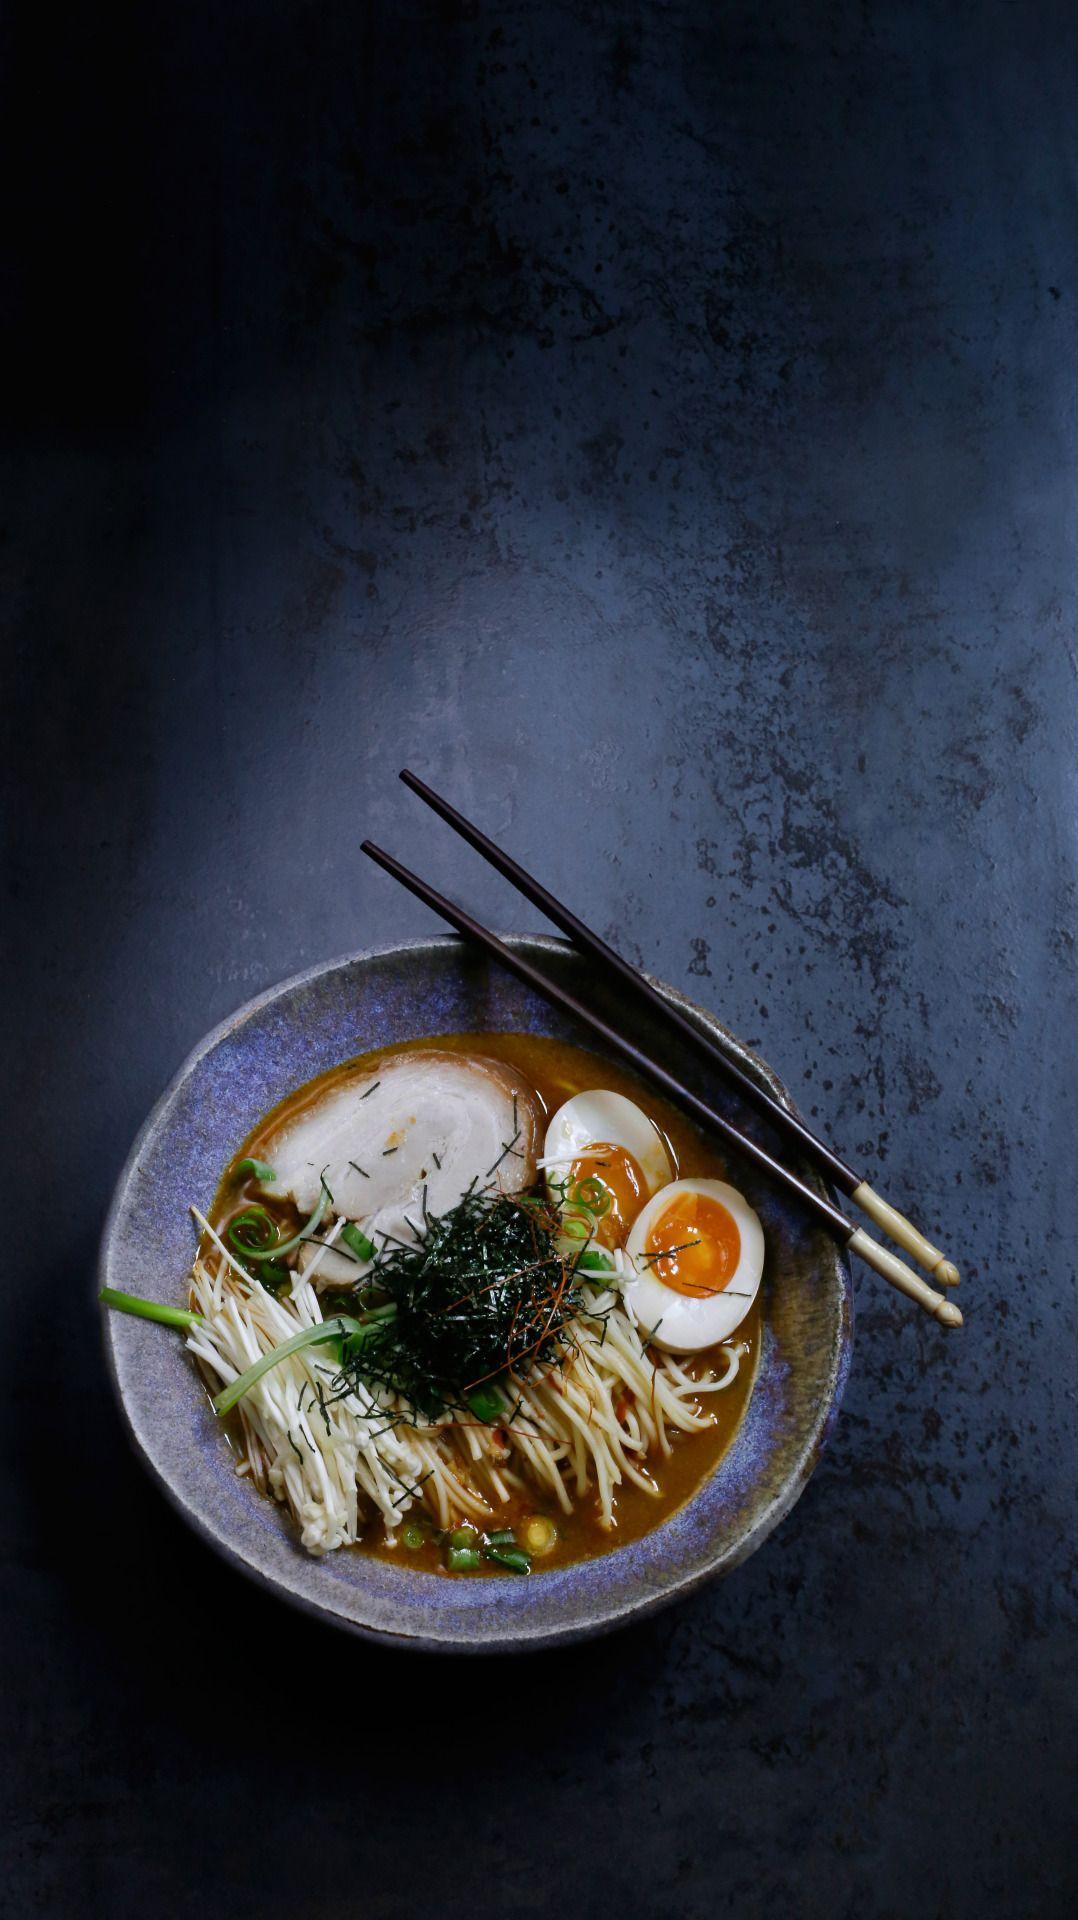 Miso ramen sapporo style japan pinte - Apprendre a cuisiner japonais ...